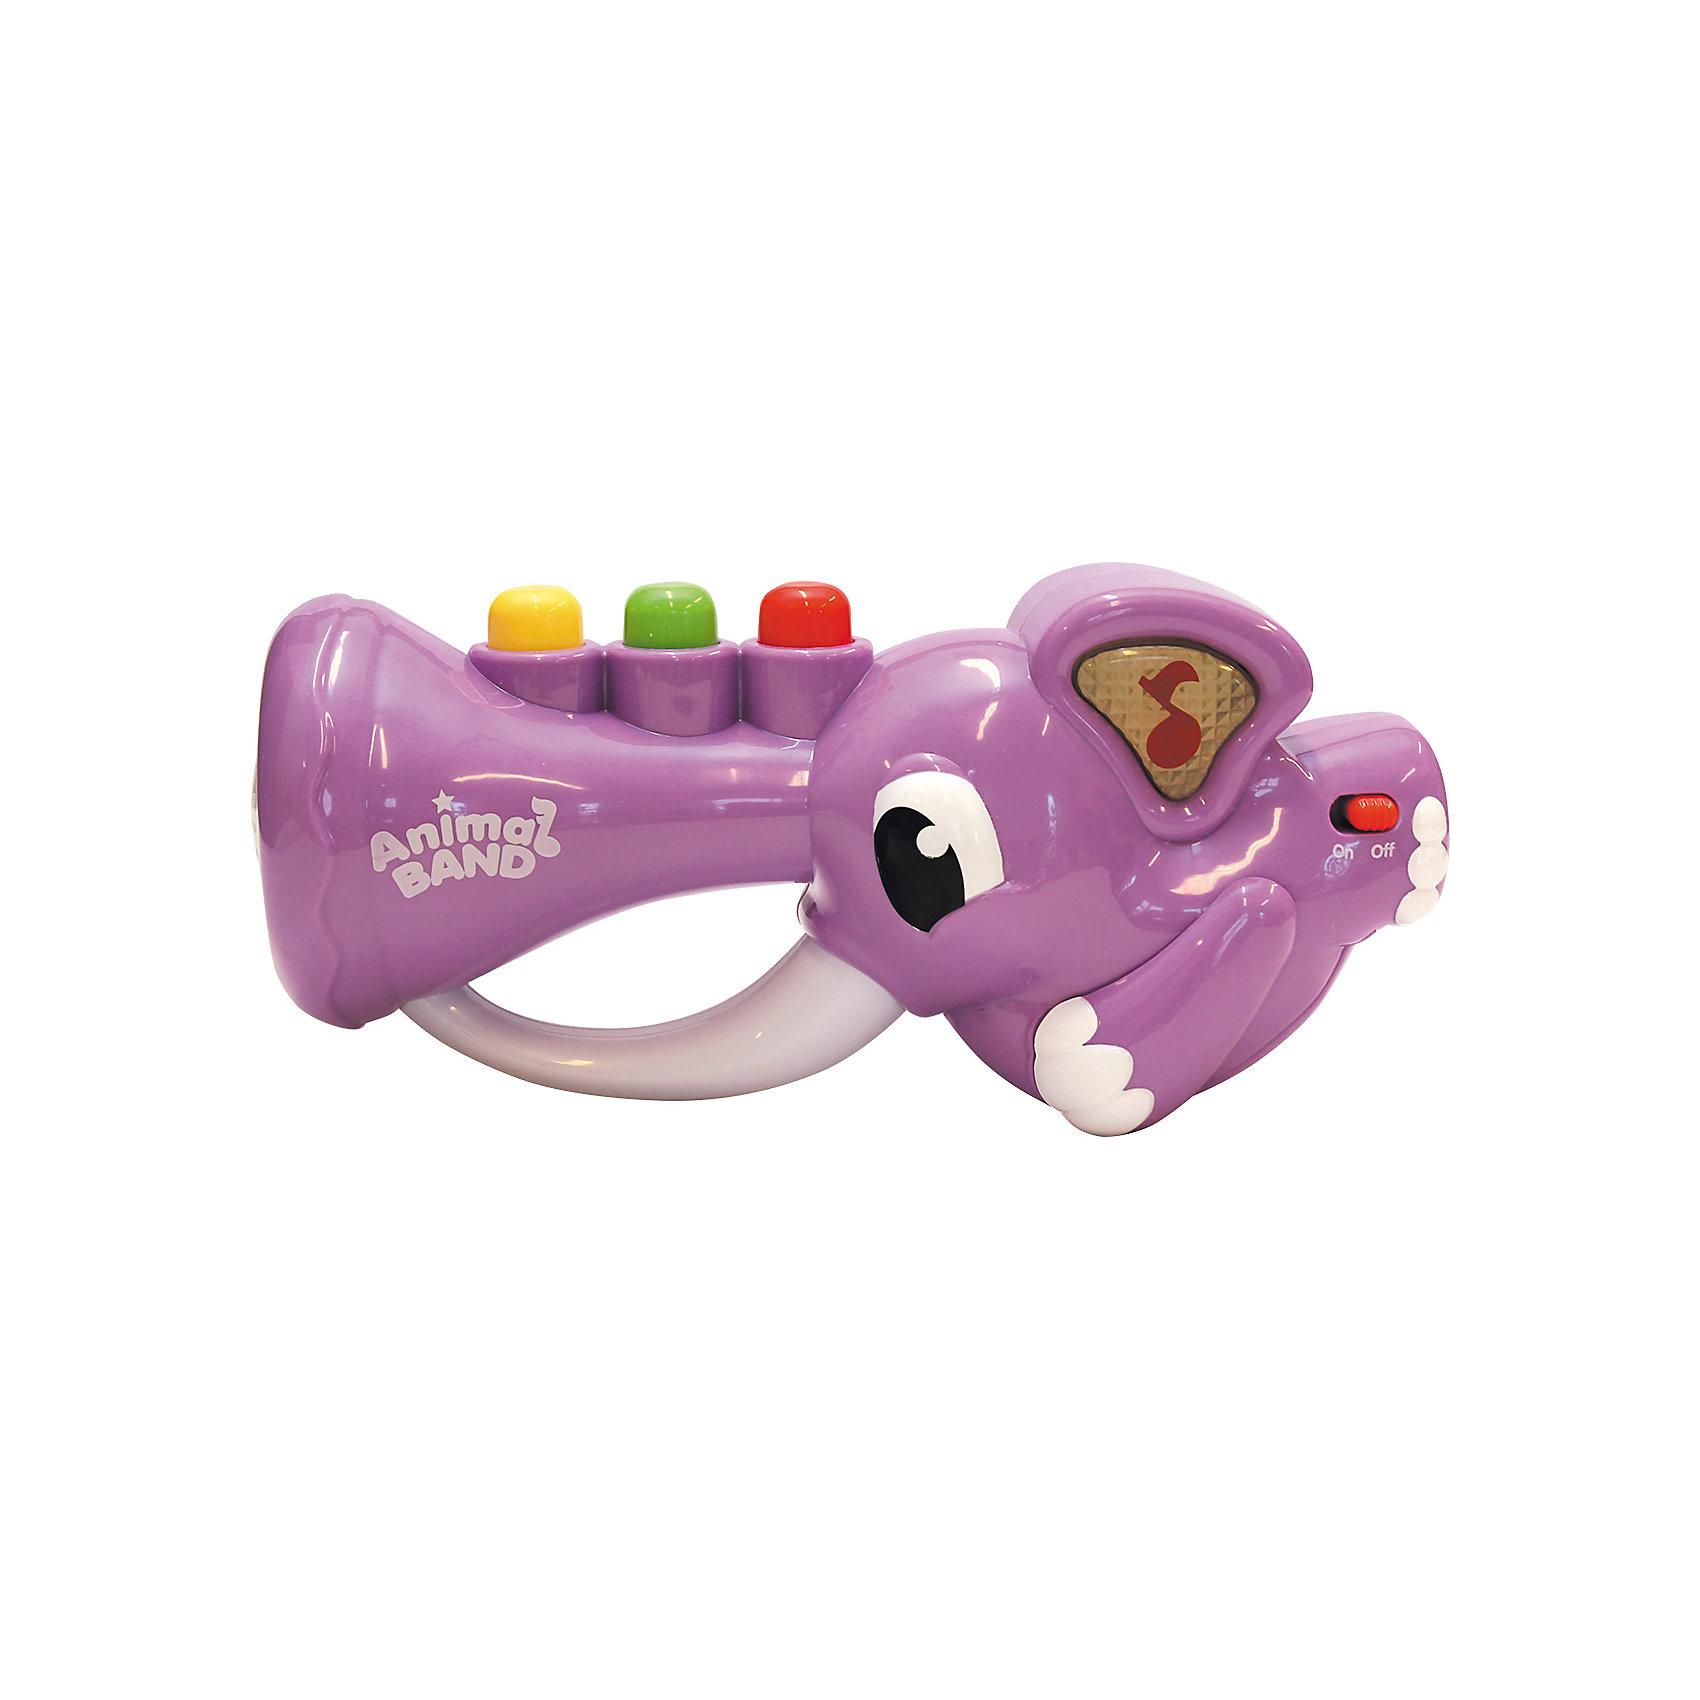 Слоник-трубач, KeenwayМузыкальные инструменты и игрушки<br>Музыкальная игрушка Слоник-трубач от  Keenway - отличный подарок ребенку. Это красочная игрушка, которая обязательно понравится малышу. Она выполнена в виде трубы-слоника. Нажимая на кнопки на хоботе слоника, ребенок услышит веселую песенку или забавные звуки. Причем звуки могут играть одновременно, создавая оркестр.<br>Игрушка по габаритам идеально подходит для маленьких ручек малыша. Весит совсем немного. Такие игрушки помогают развить мелкую моторику, логическое мышление и воображение ребенка. Эта игрушка выполнена из высококачественного прочного пластика, безопасного для детей.<br>  <br>Дополнительная информация:<br><br>цвет: разноцветный;<br>материал: пластик;<br>размер:  270 х 90 х 160 мм;<br>батарейки: 3ХхАА, в комплекте.<br><br>Игрушку Слоник-трубач от компании Keenway можно купить в нашем магазине.<br><br>Ширина мм: 280<br>Глубина мм: 140<br>Высота мм: 190<br>Вес г: 765<br>Возраст от месяцев: 36<br>Возраст до месяцев: 120<br>Пол: Унисекс<br>Возраст: Детский<br>SKU: 4810983